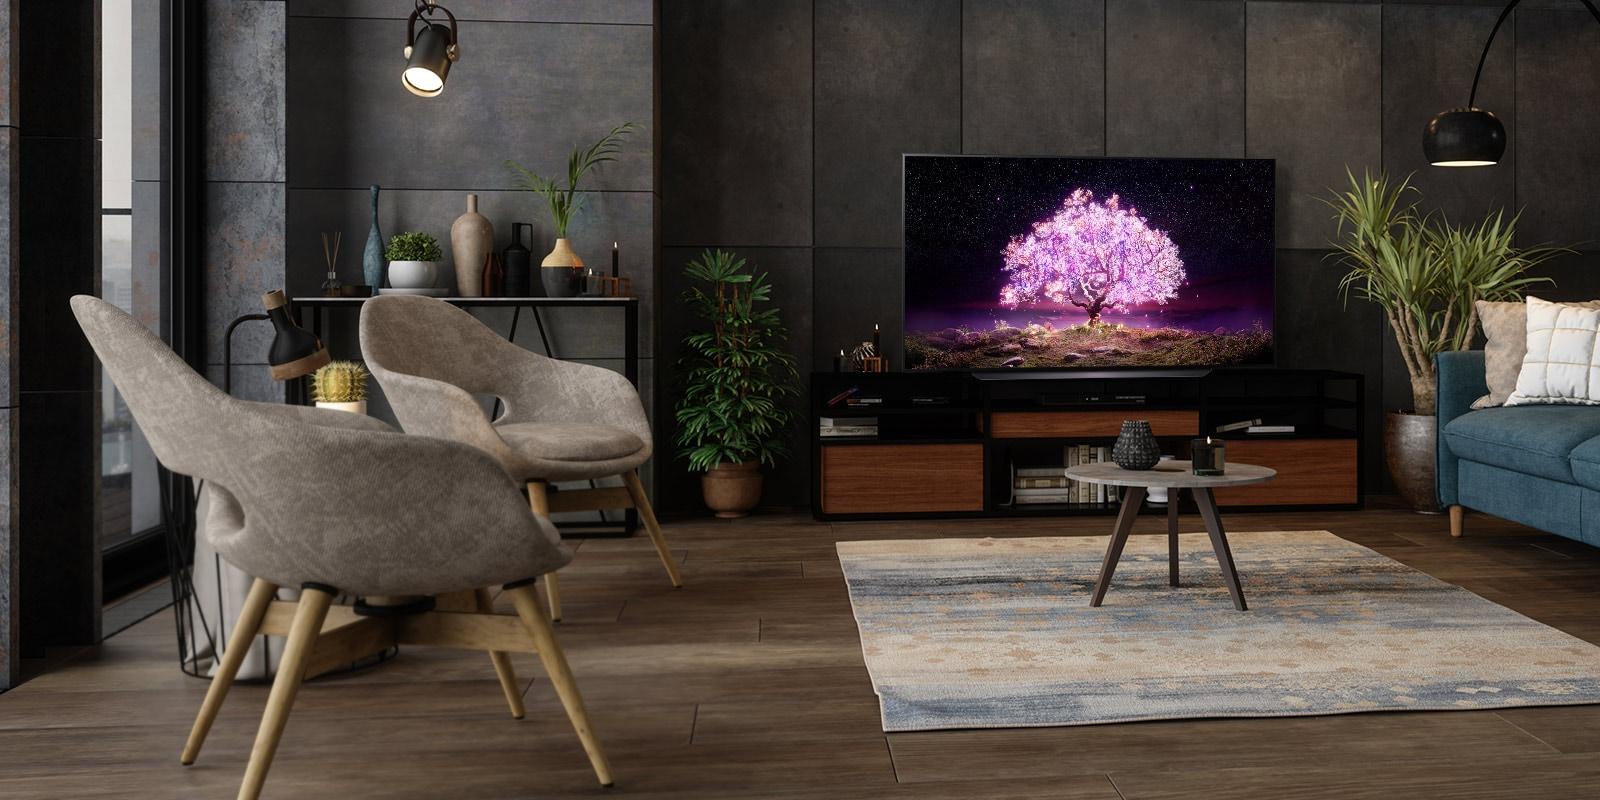 جهاز تلفزيون يعرض شجرة ينبعث منه ضوء أرجواني اللون في منزل ذي ببيئة فخمة